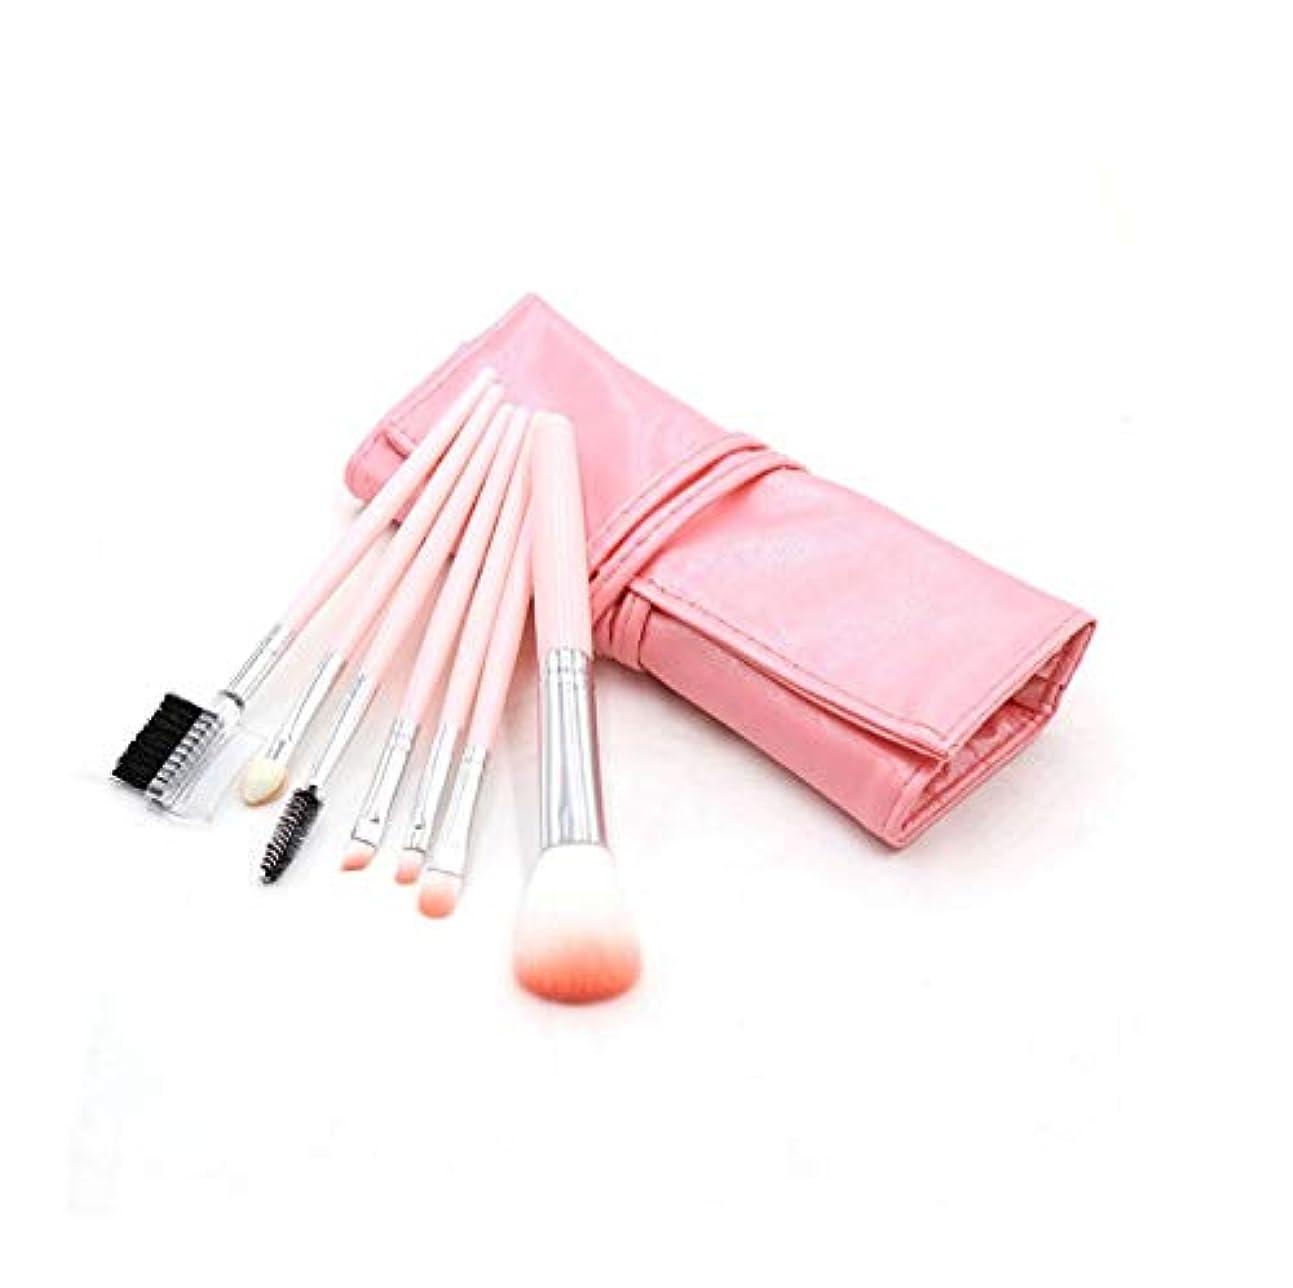 世界記録のギネスブックディレクトリ上下する化粧ブラシセット、ピンク7化粧ブラシ化粧ブラシセットアイシャドウブラシリップブラシ美容化粧道具